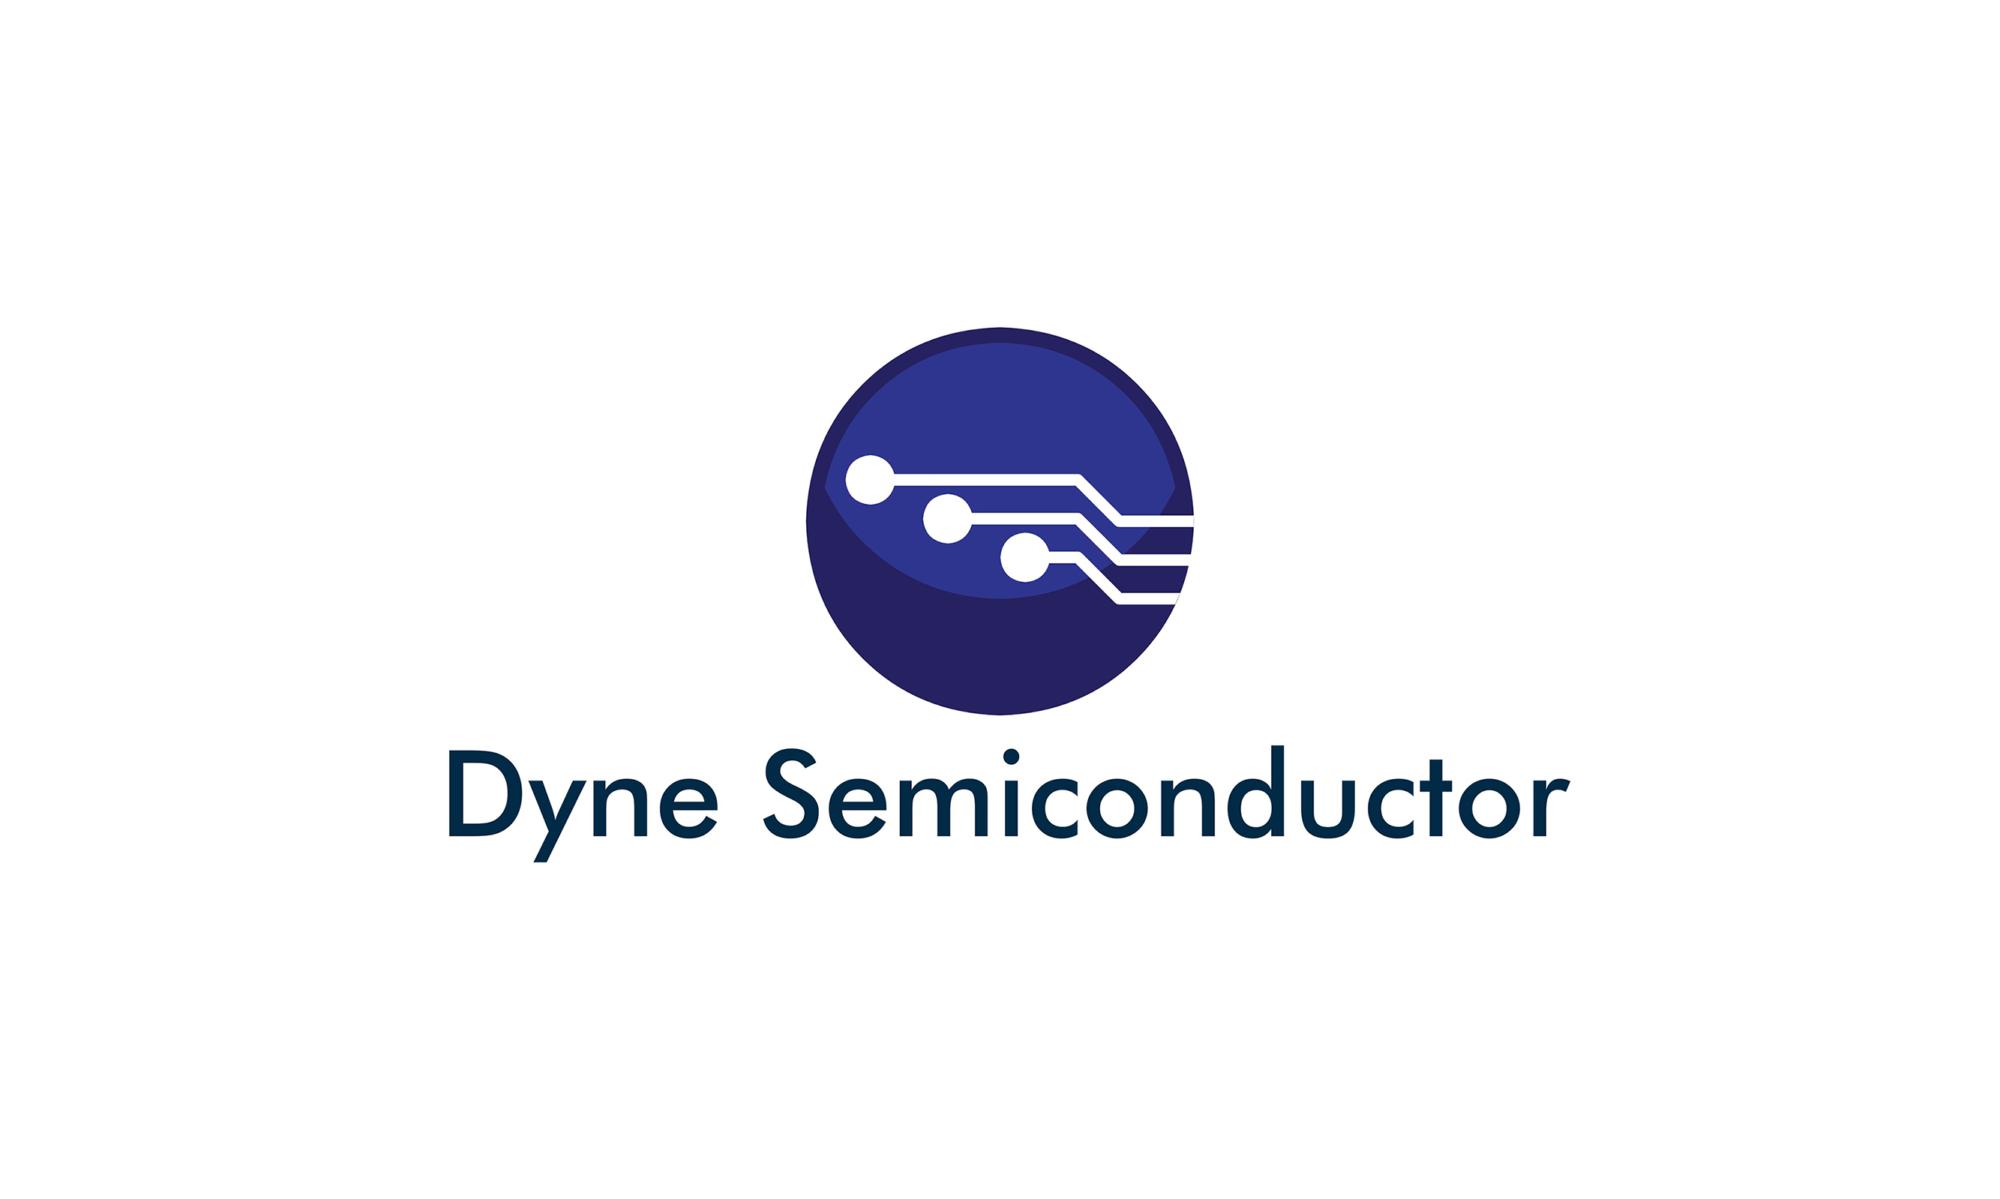 Dyne Semiconductor